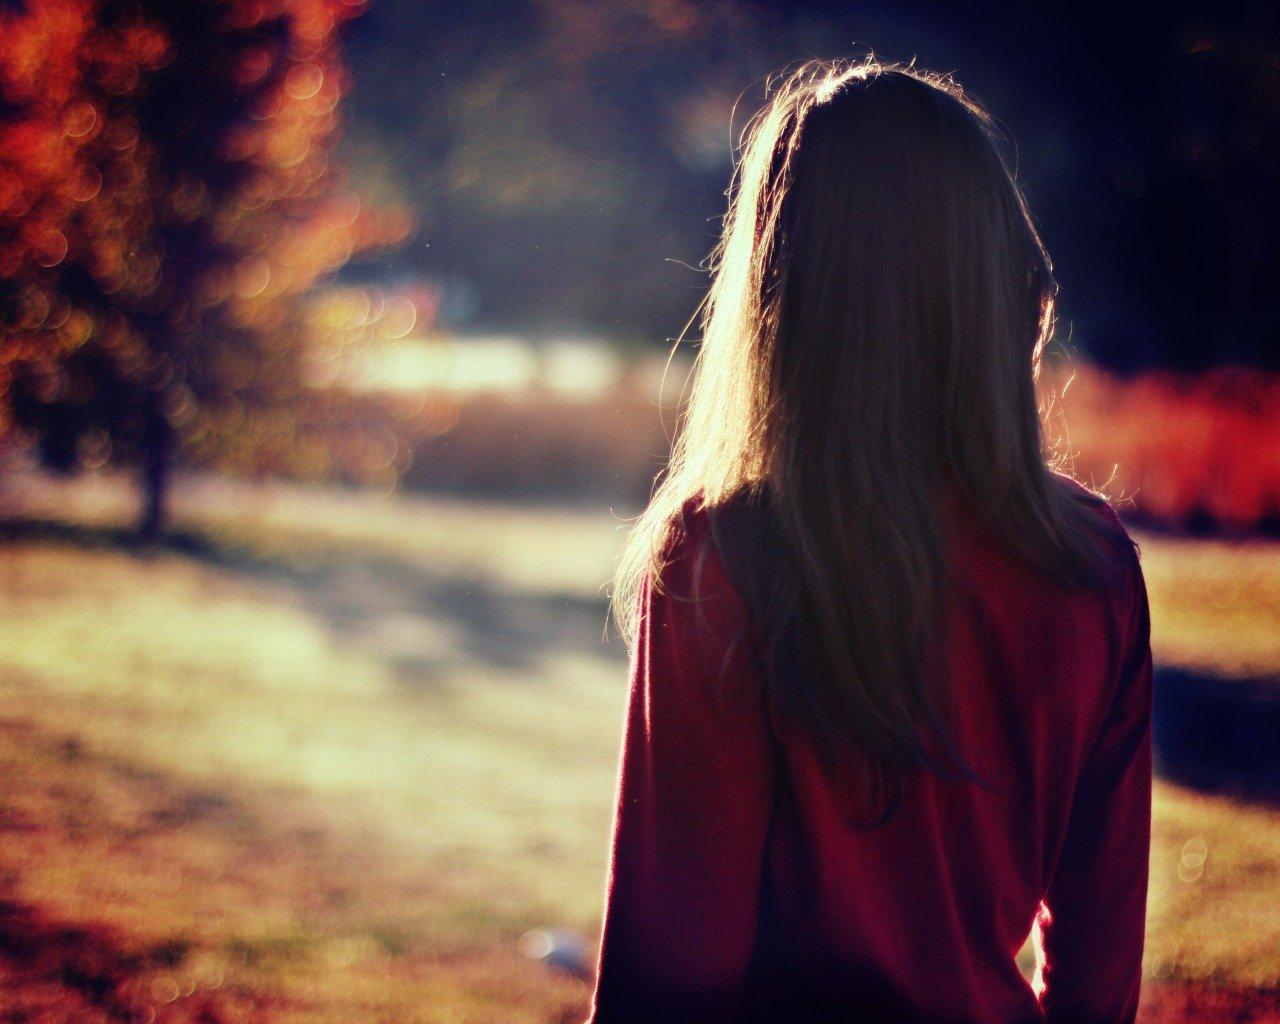 Если я недостаточно красива для него - психолог Диана Сушко